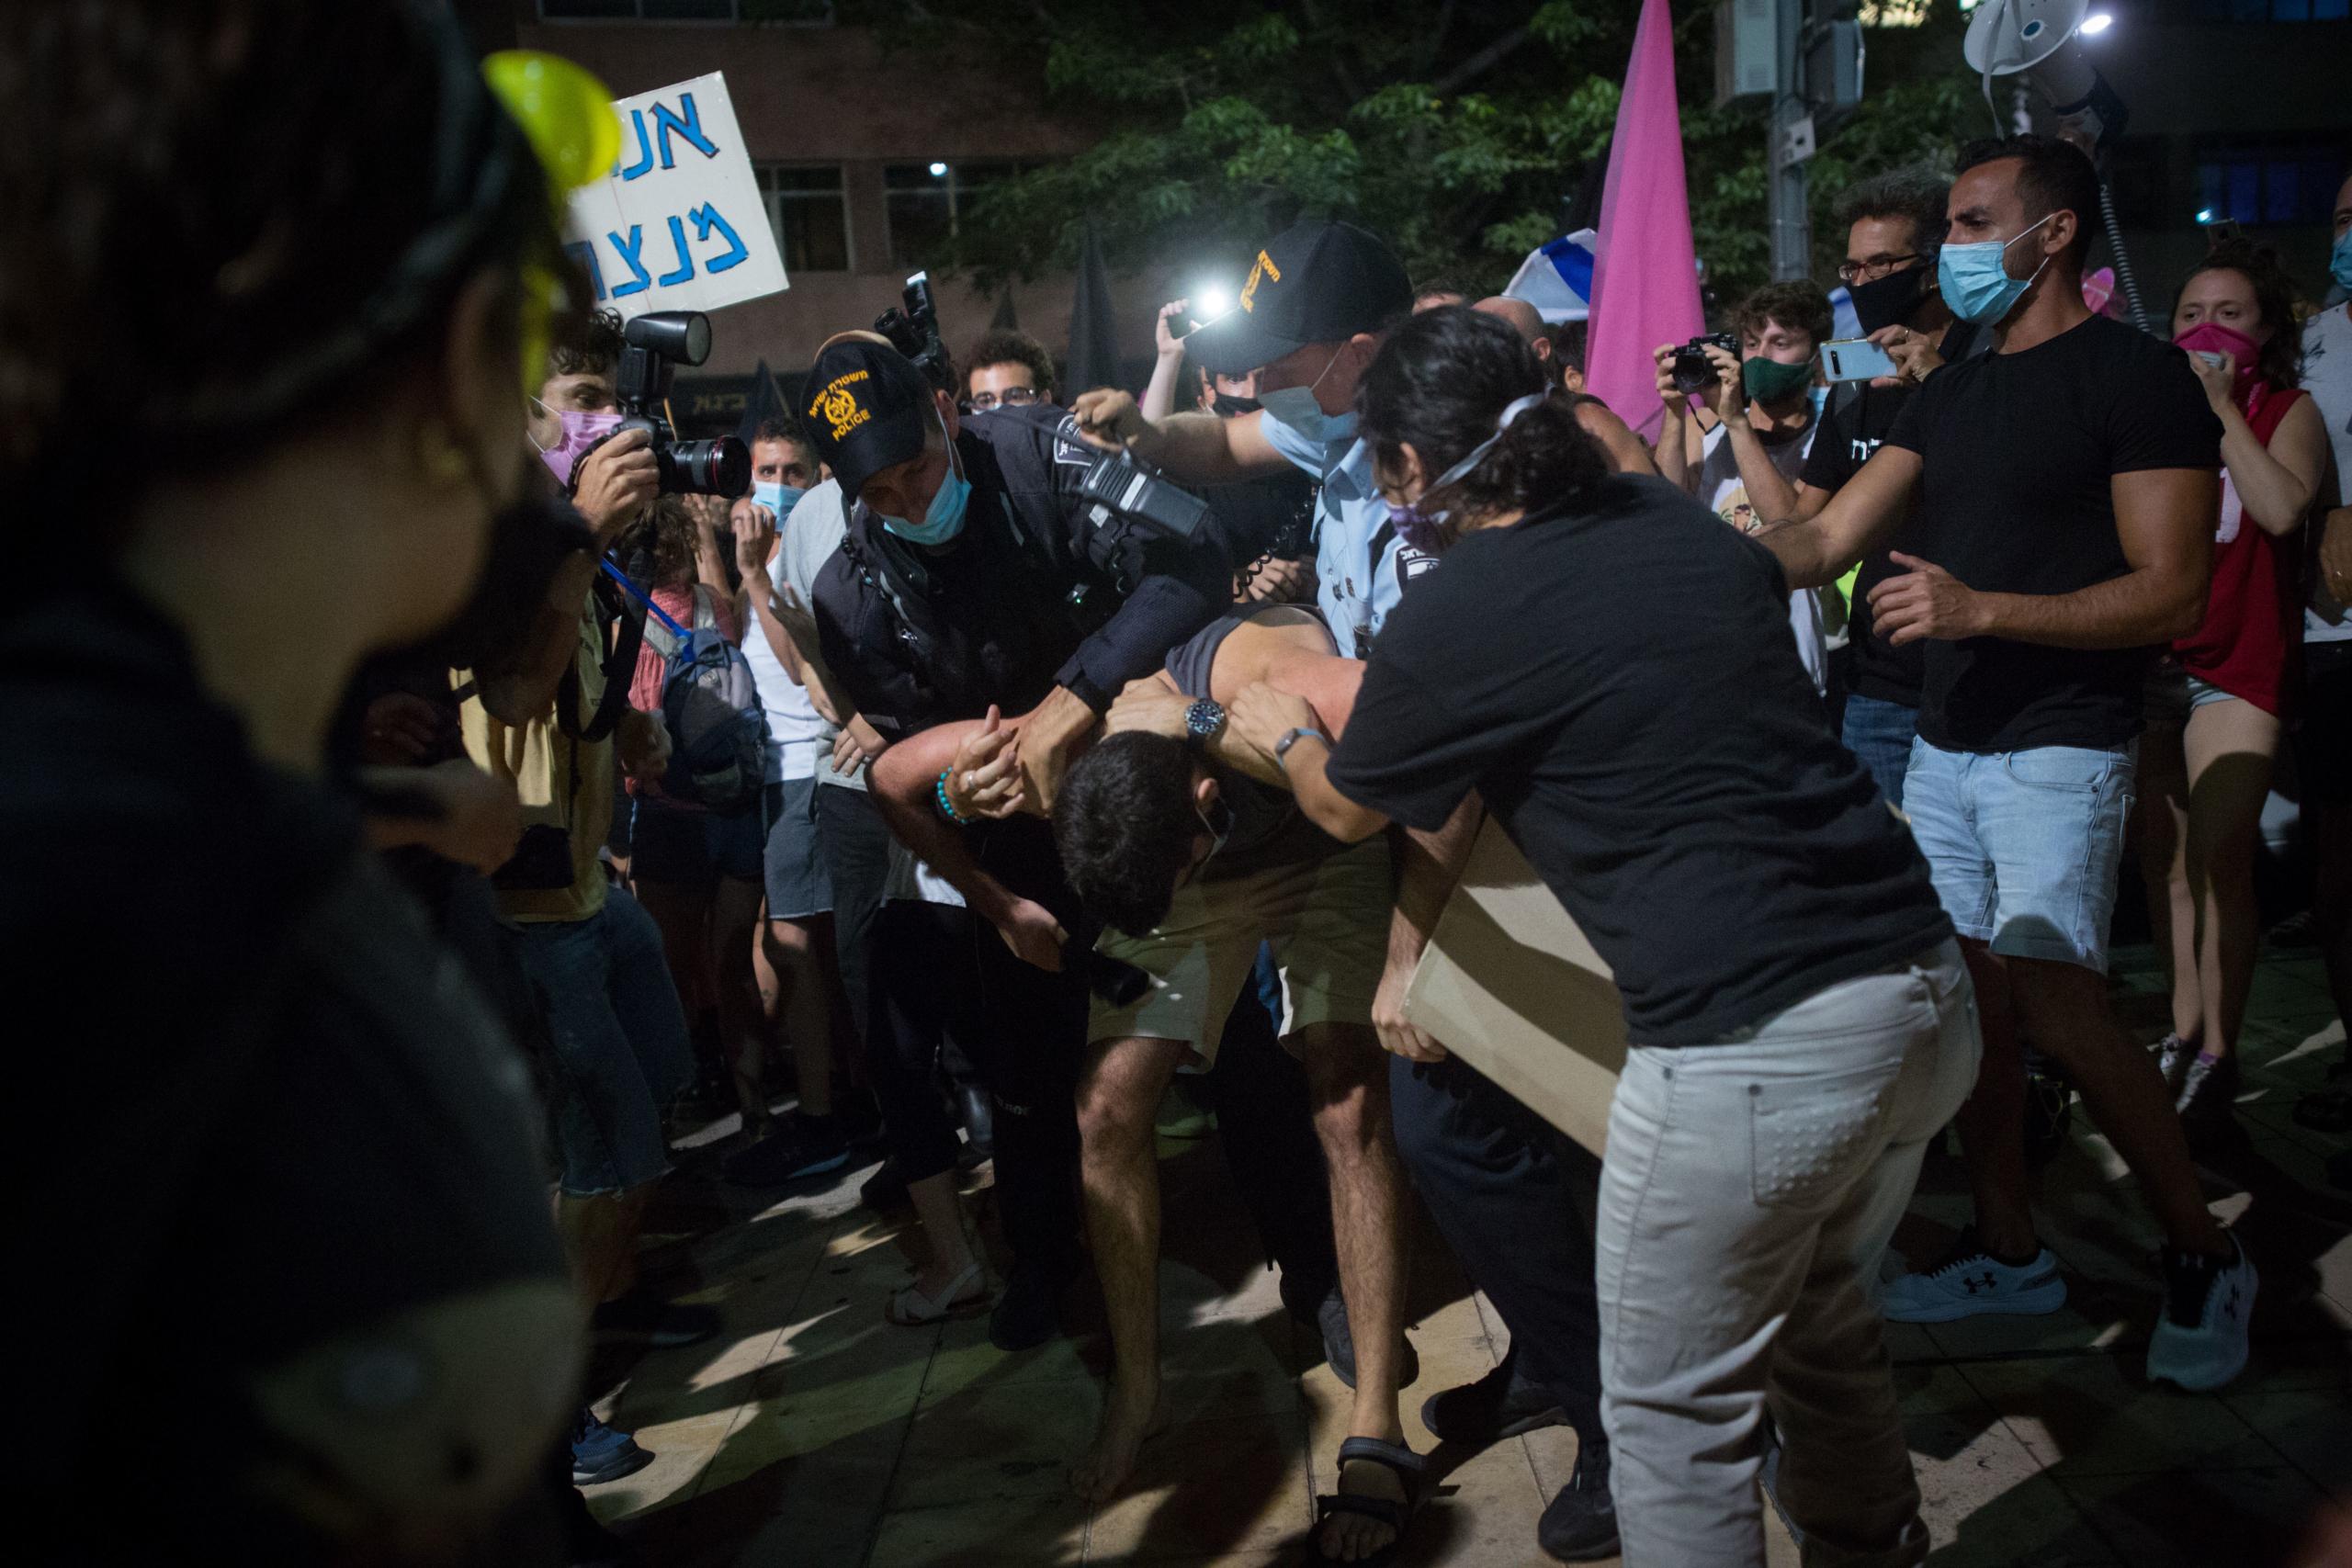 מעצר בכיכר הבימה בתל אביב, הפגנת מוצאי שבת ה3 לאוקטובר | צילום: מרים אלסטר לפלאש90